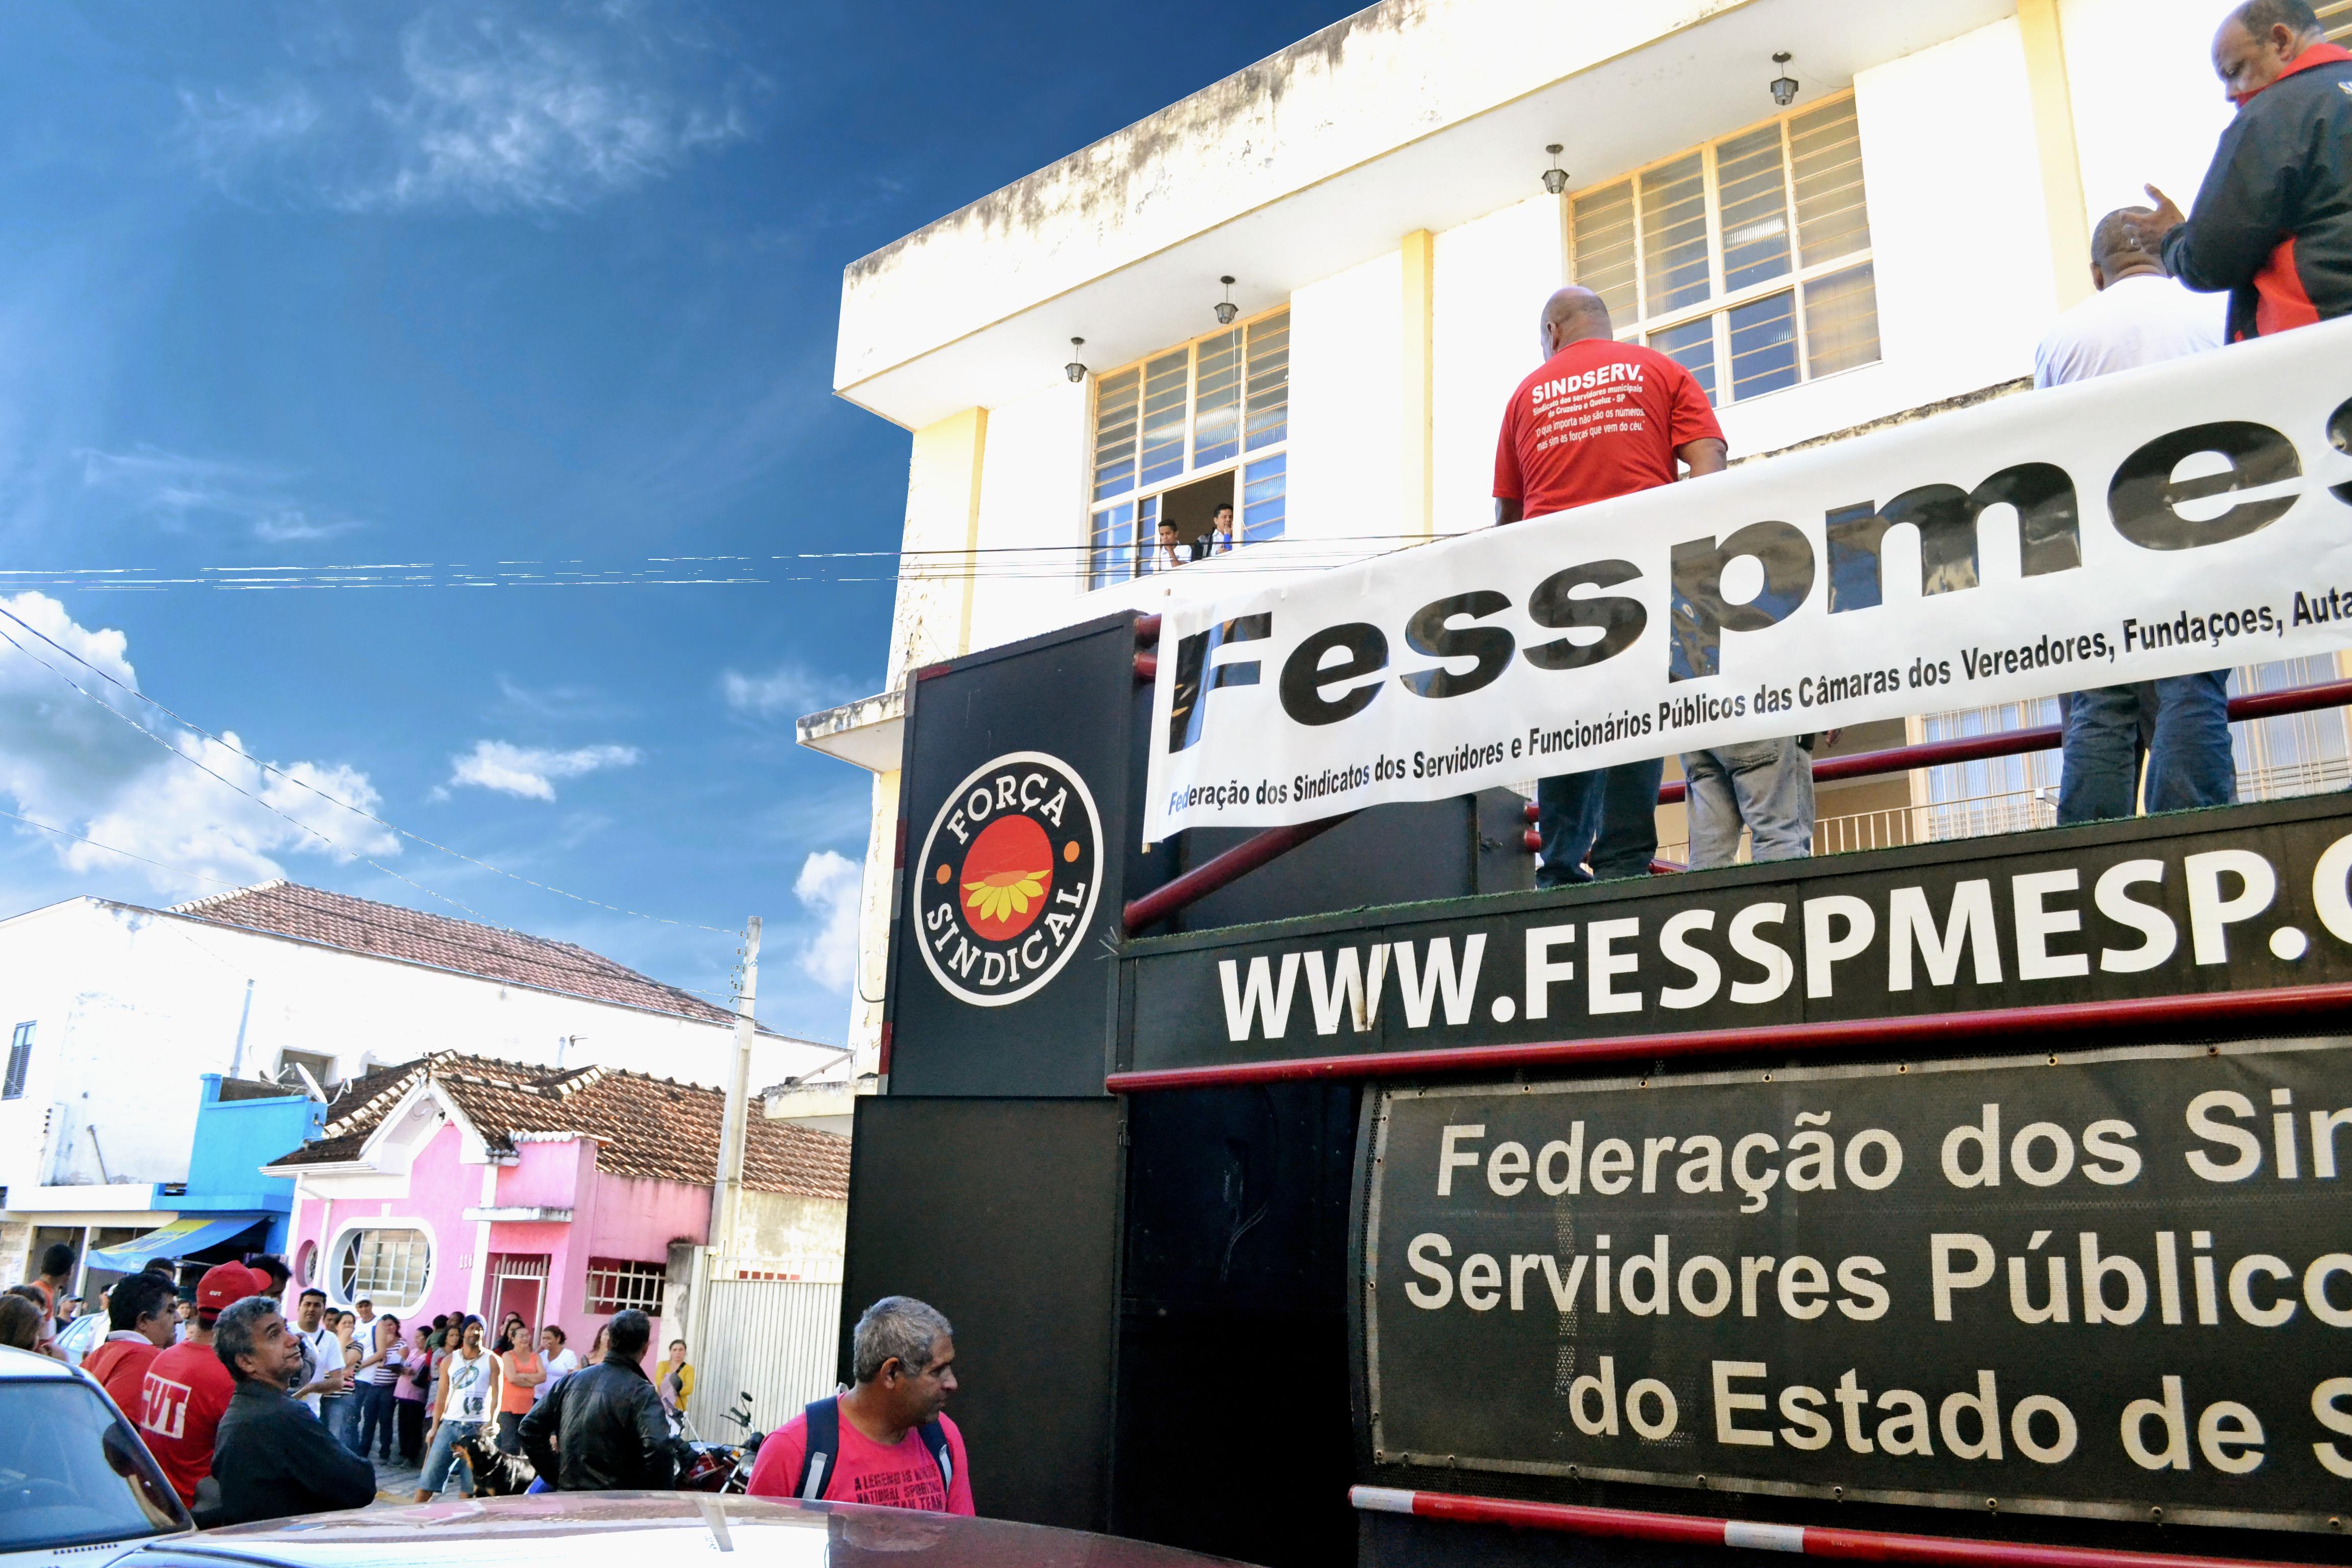 Ações do Sindicato já tomaram frente da Prefeitura em outros manifestos; atraso de salário pode parar o serviço público (Foto: Arquivo Atos)